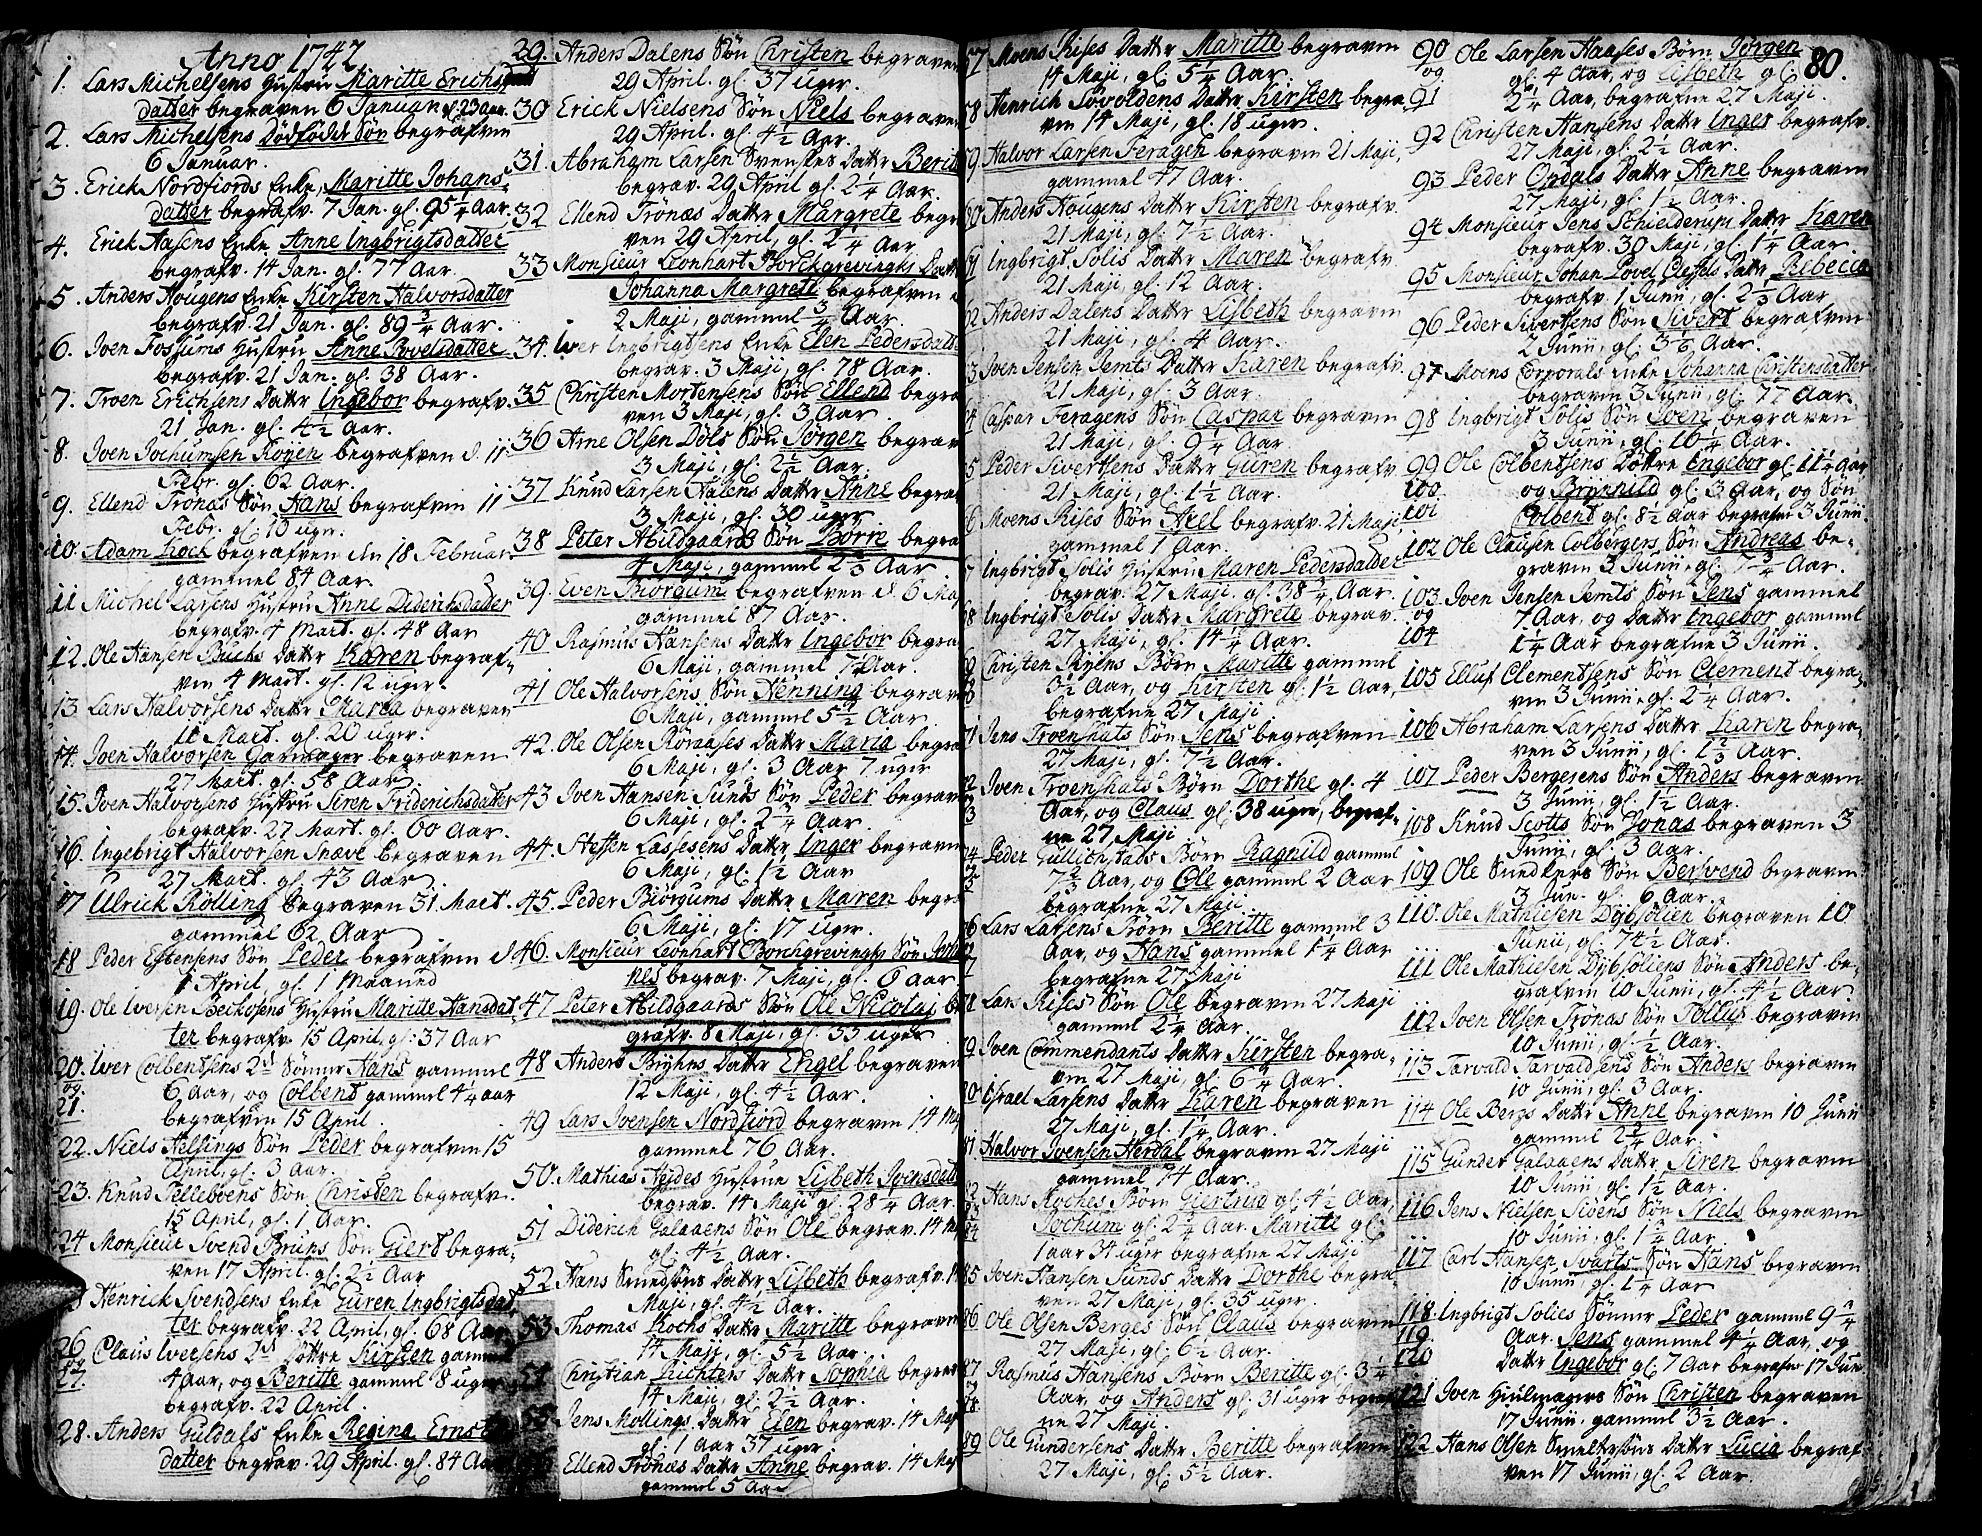 SAT, Ministerialprotokoller, klokkerbøker og fødselsregistre - Sør-Trøndelag, 681/L0925: Ministerialbok nr. 681A03, 1727-1766, s. 80